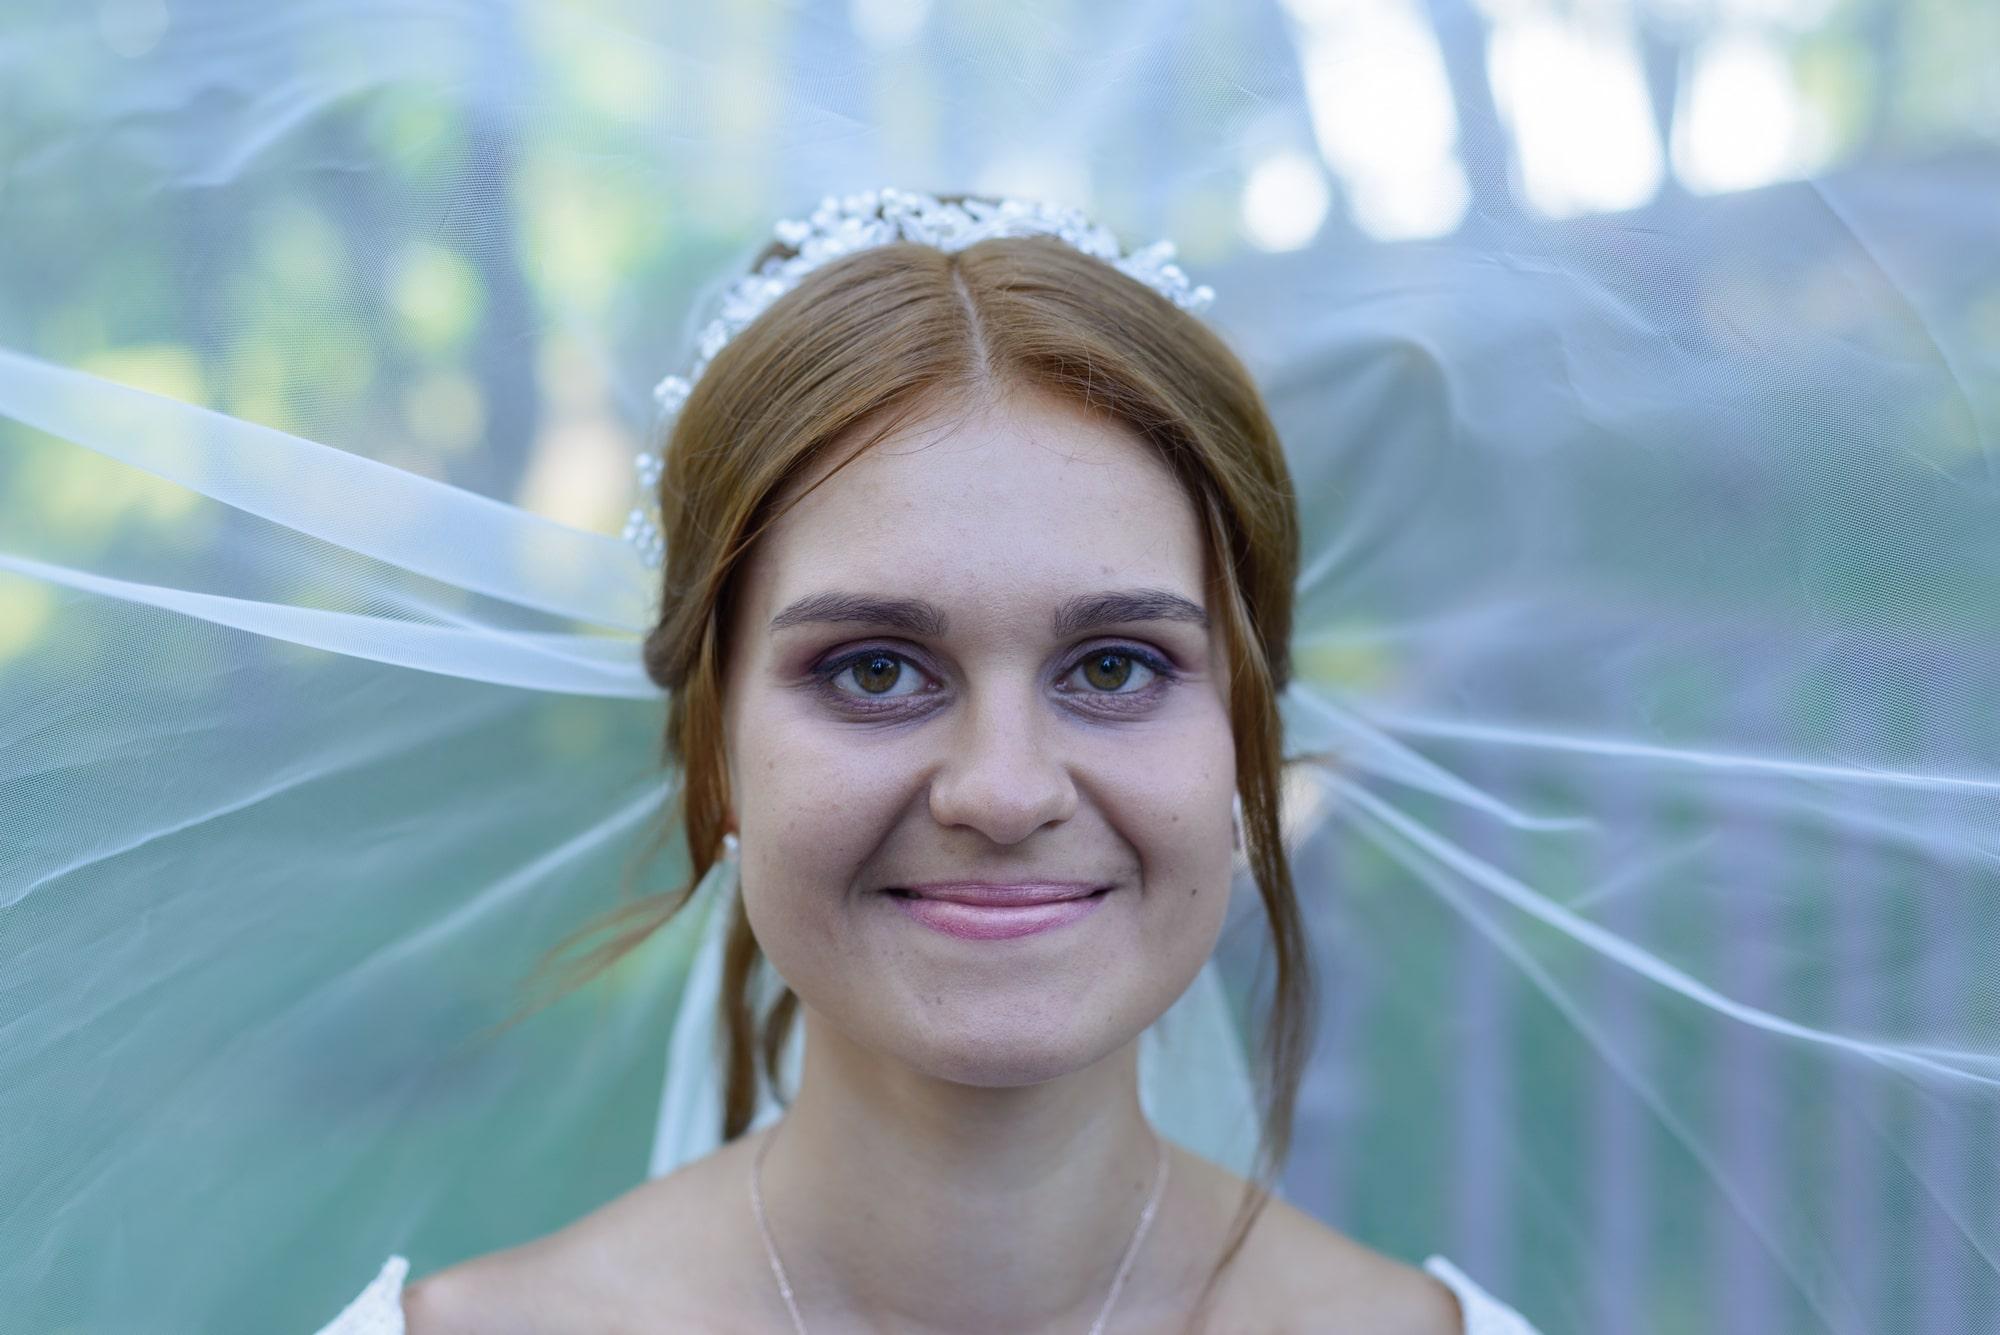 Свадебная фотосъемка в Межигорье - невеста под фатой